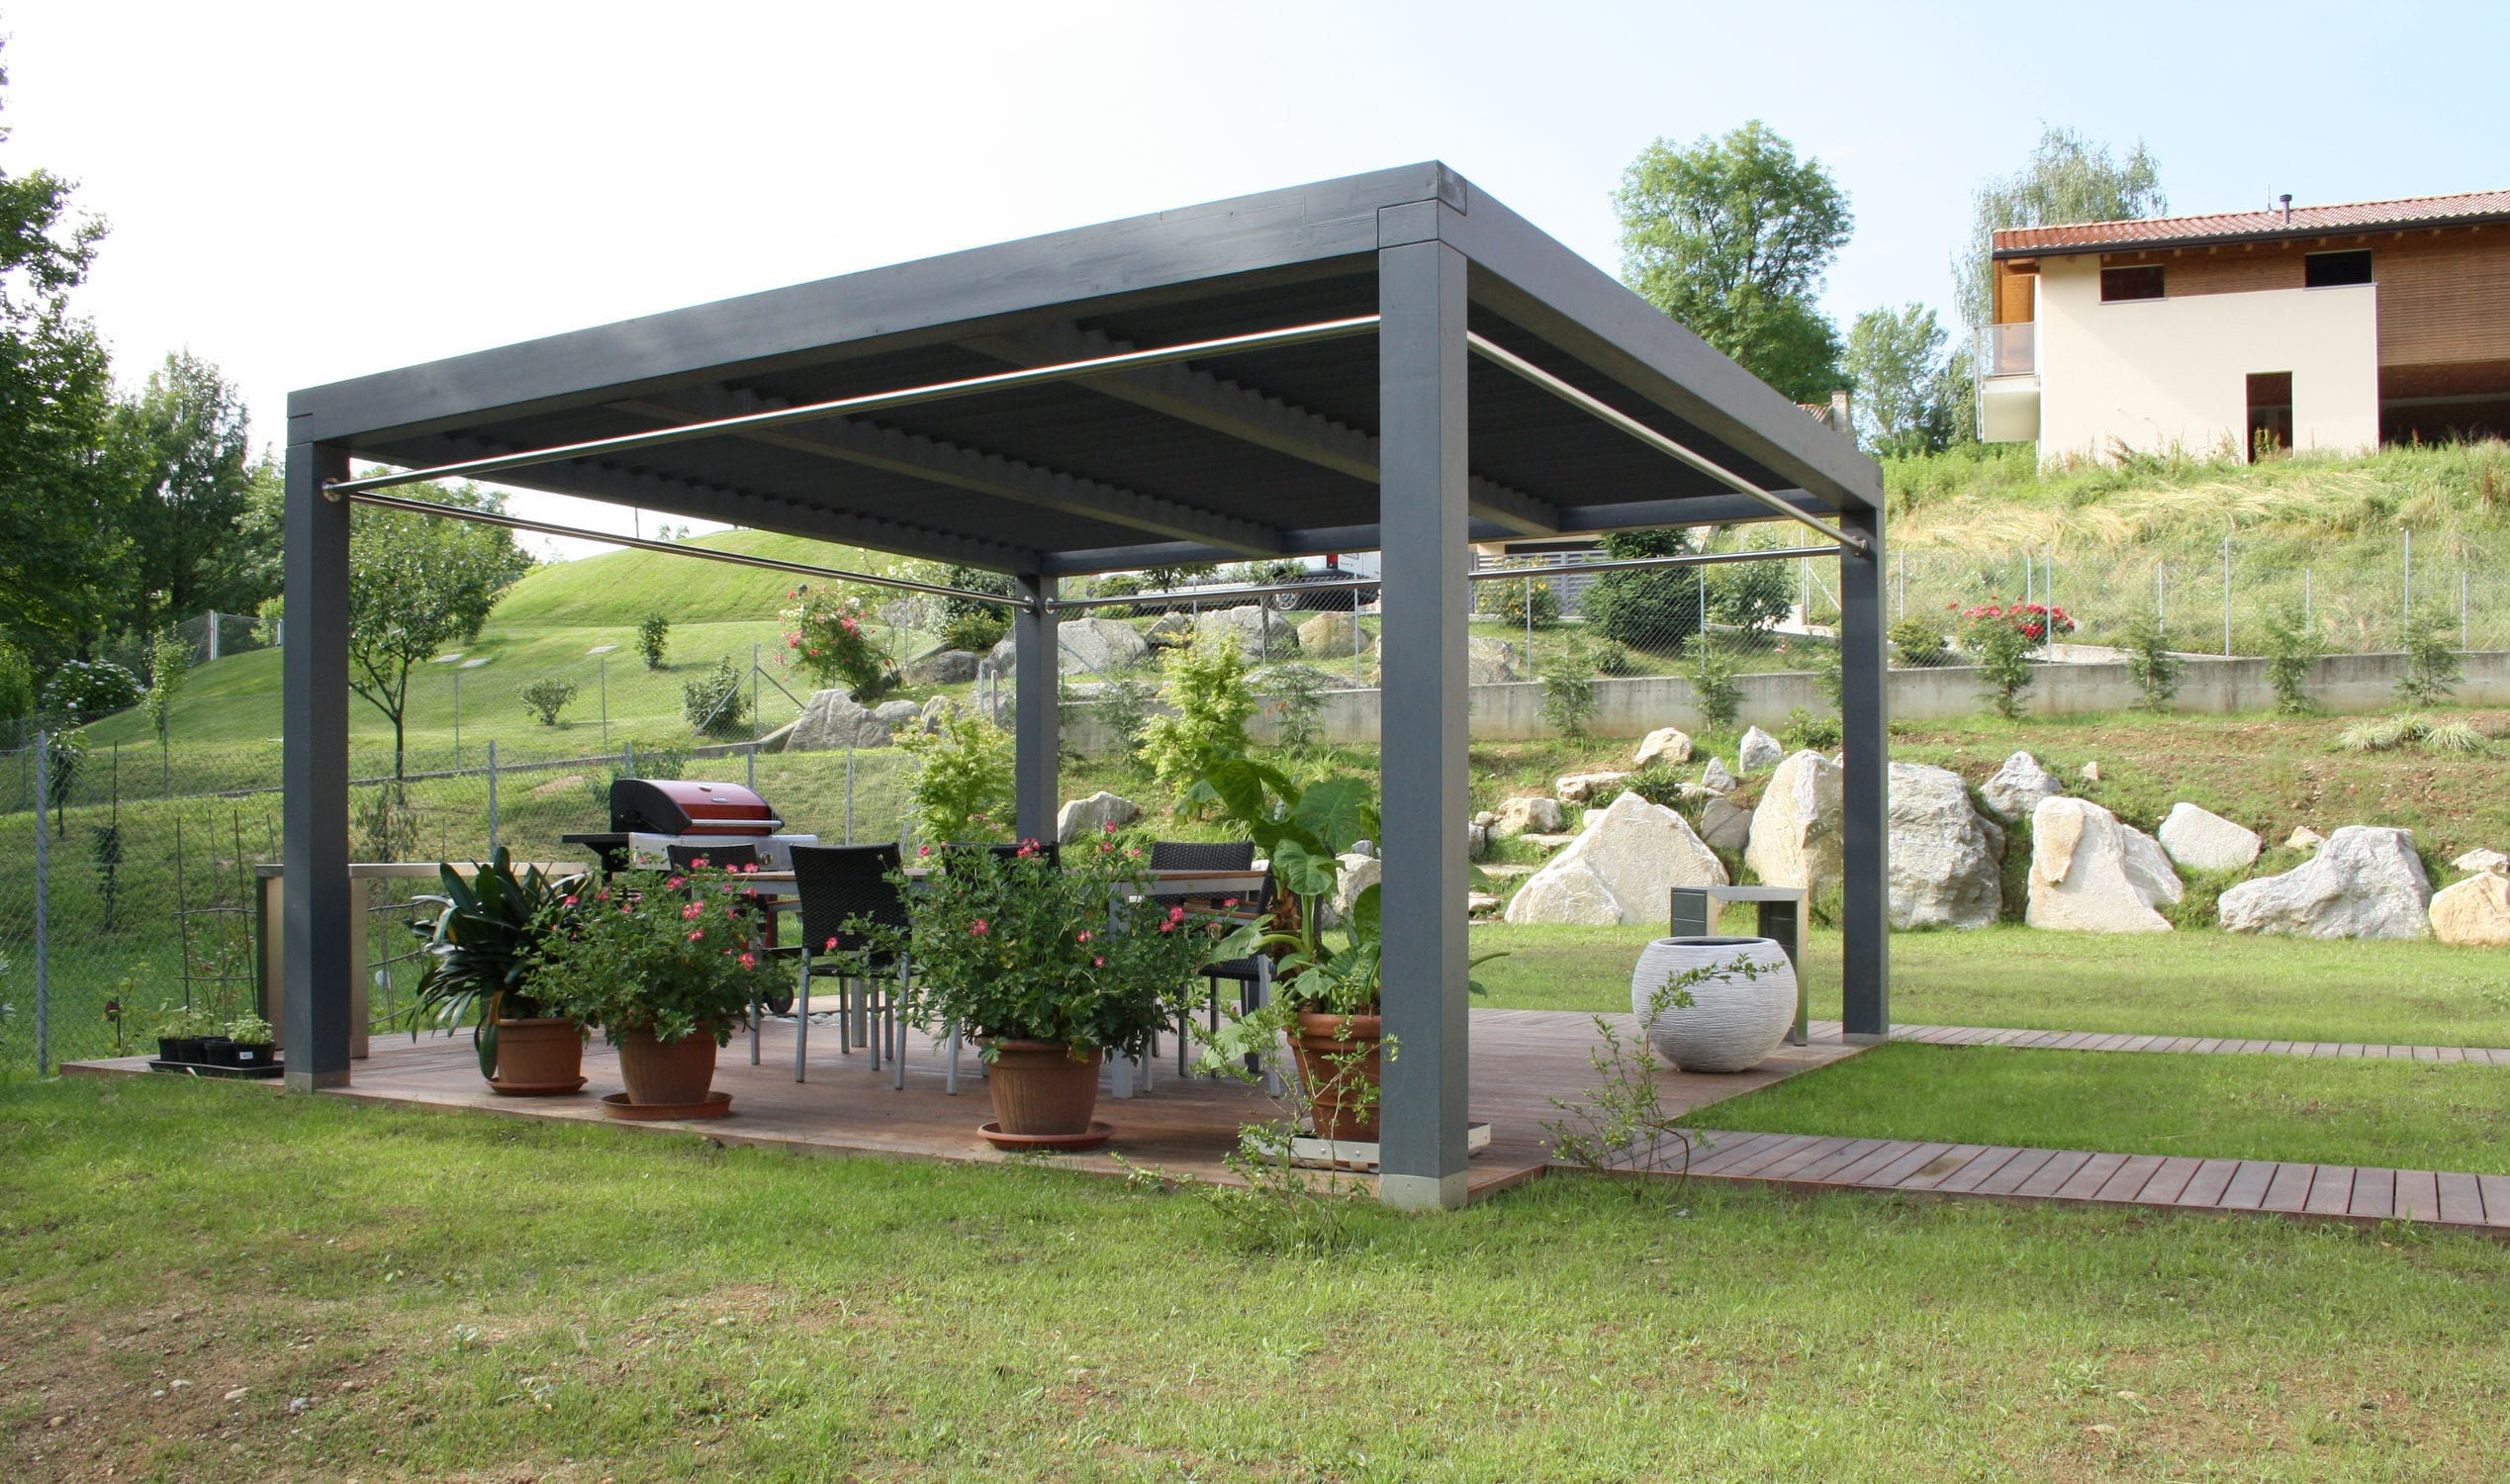 Gazebi Moderni In Legno.Gazebo In Legno Proverbio Outdoor Design